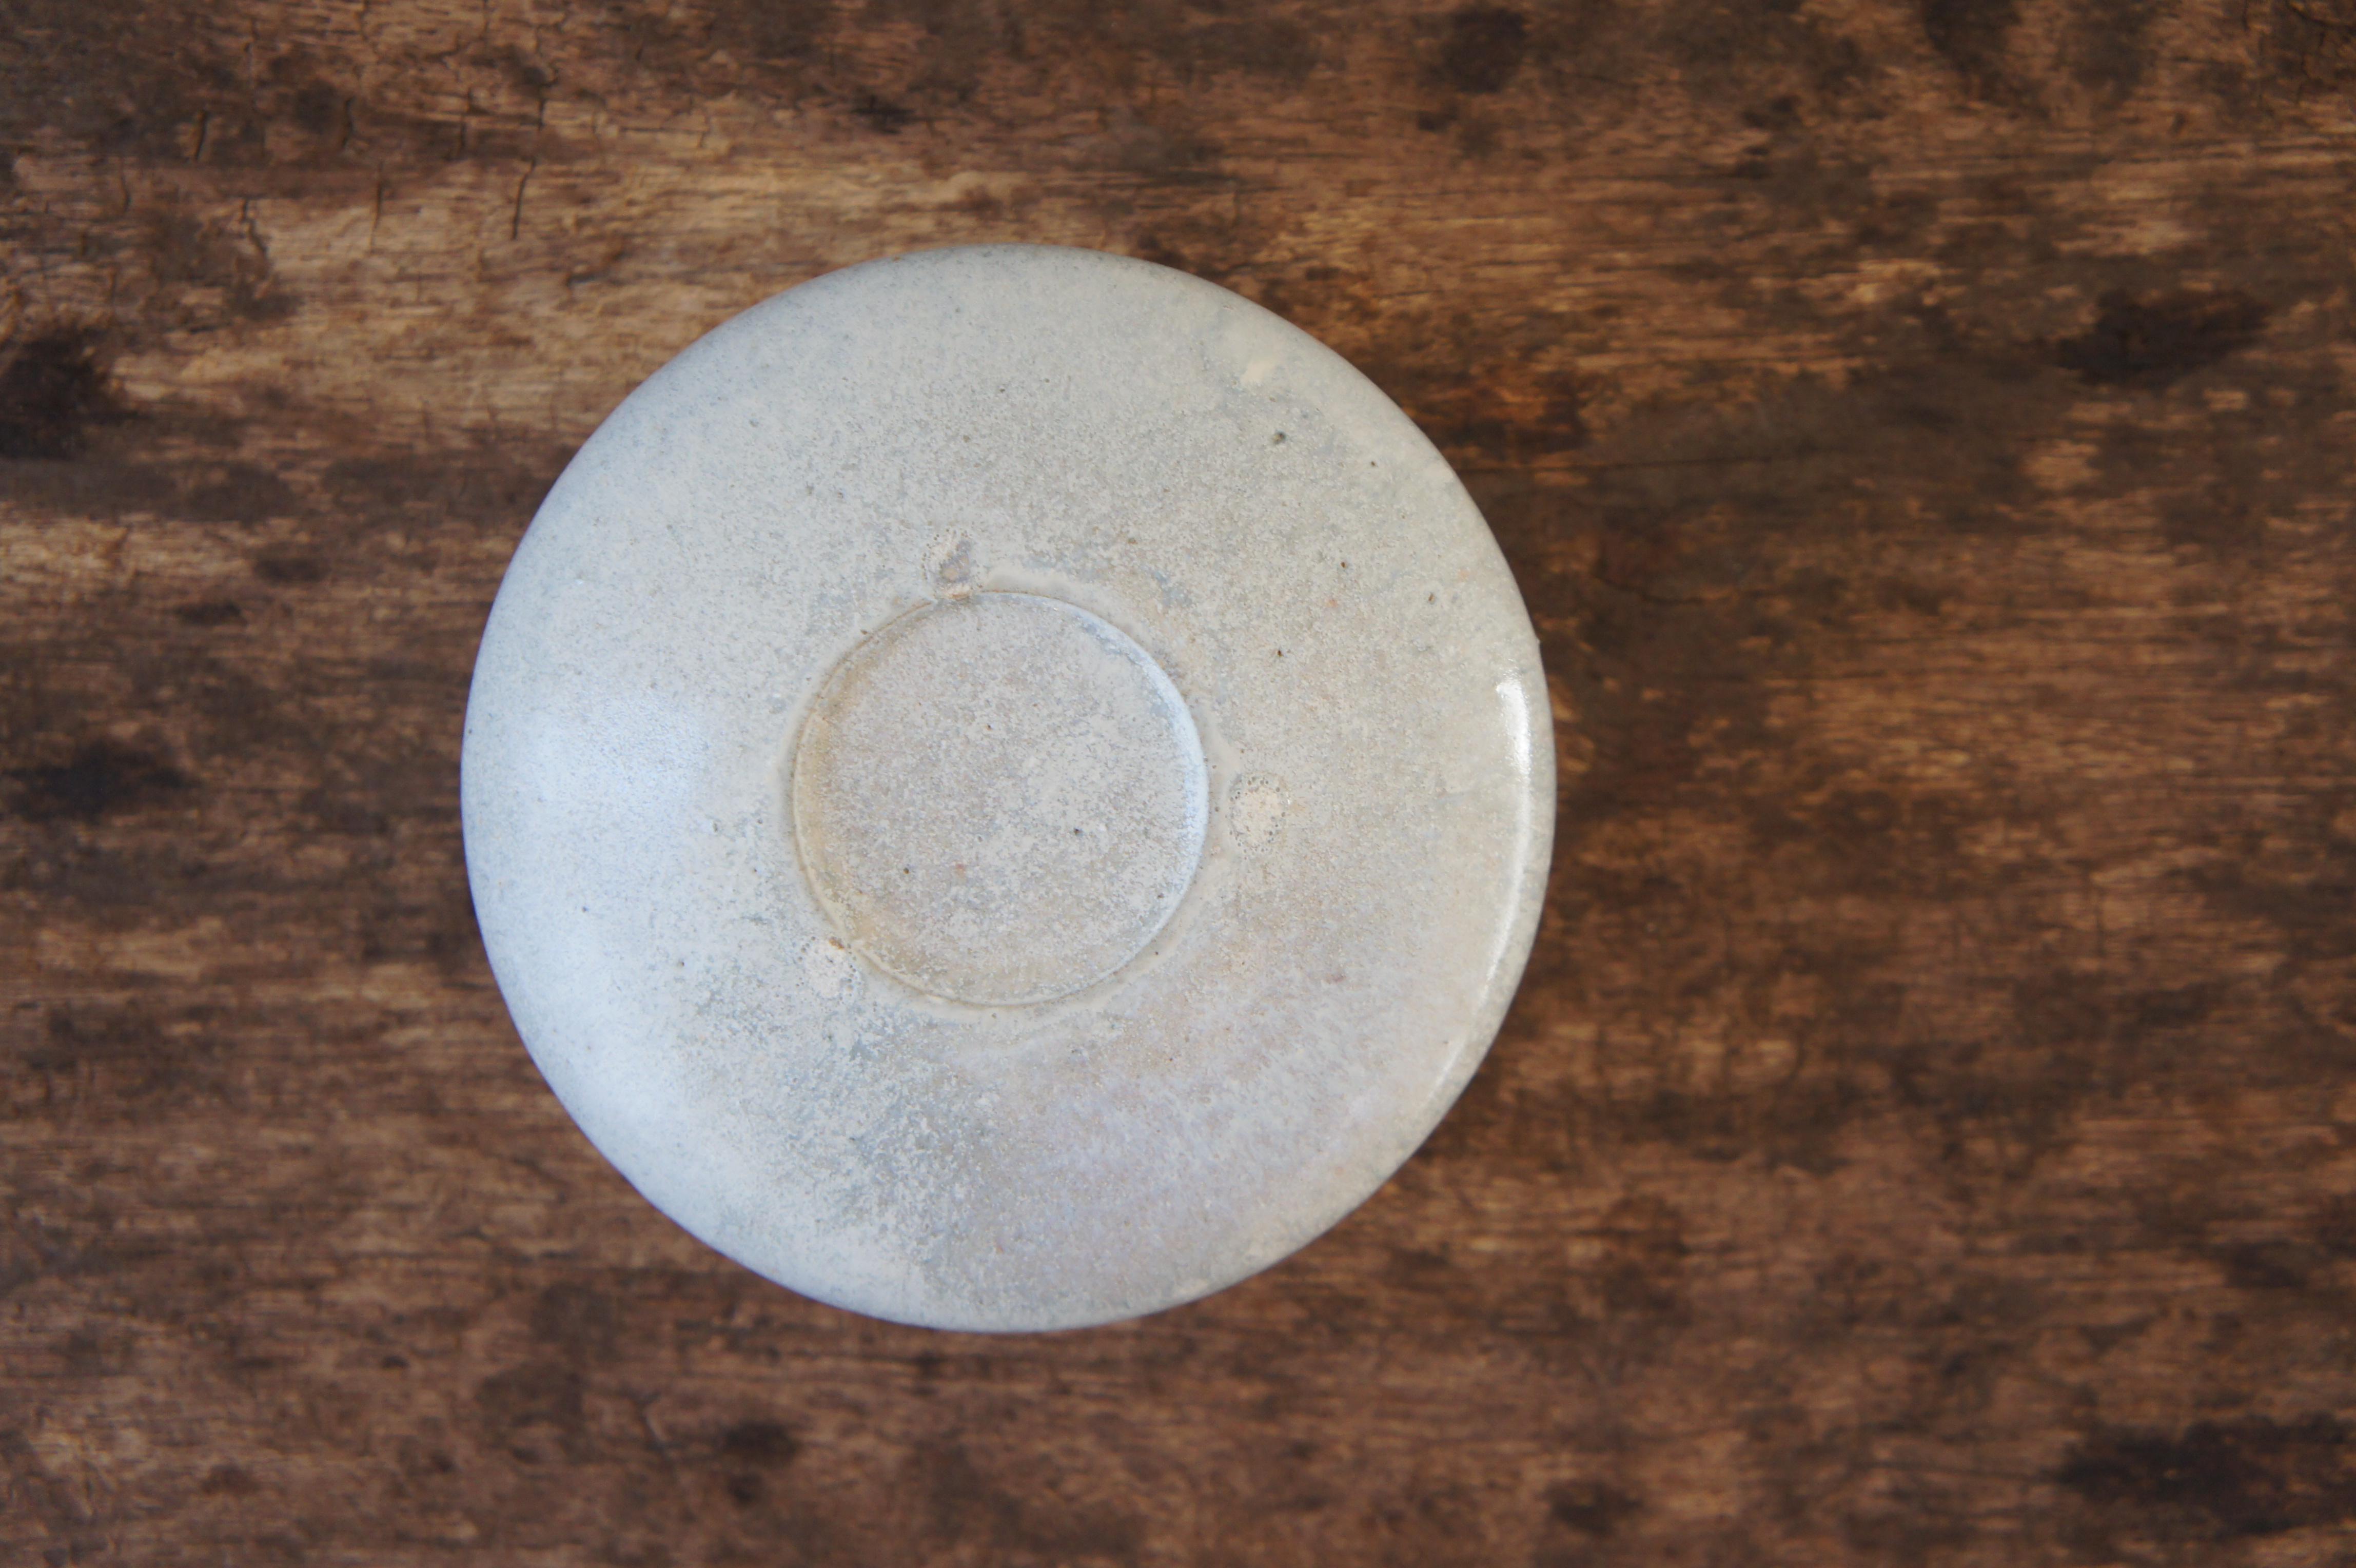 鴨工房 / 丸深鉢 小 KK-2 - 画像5